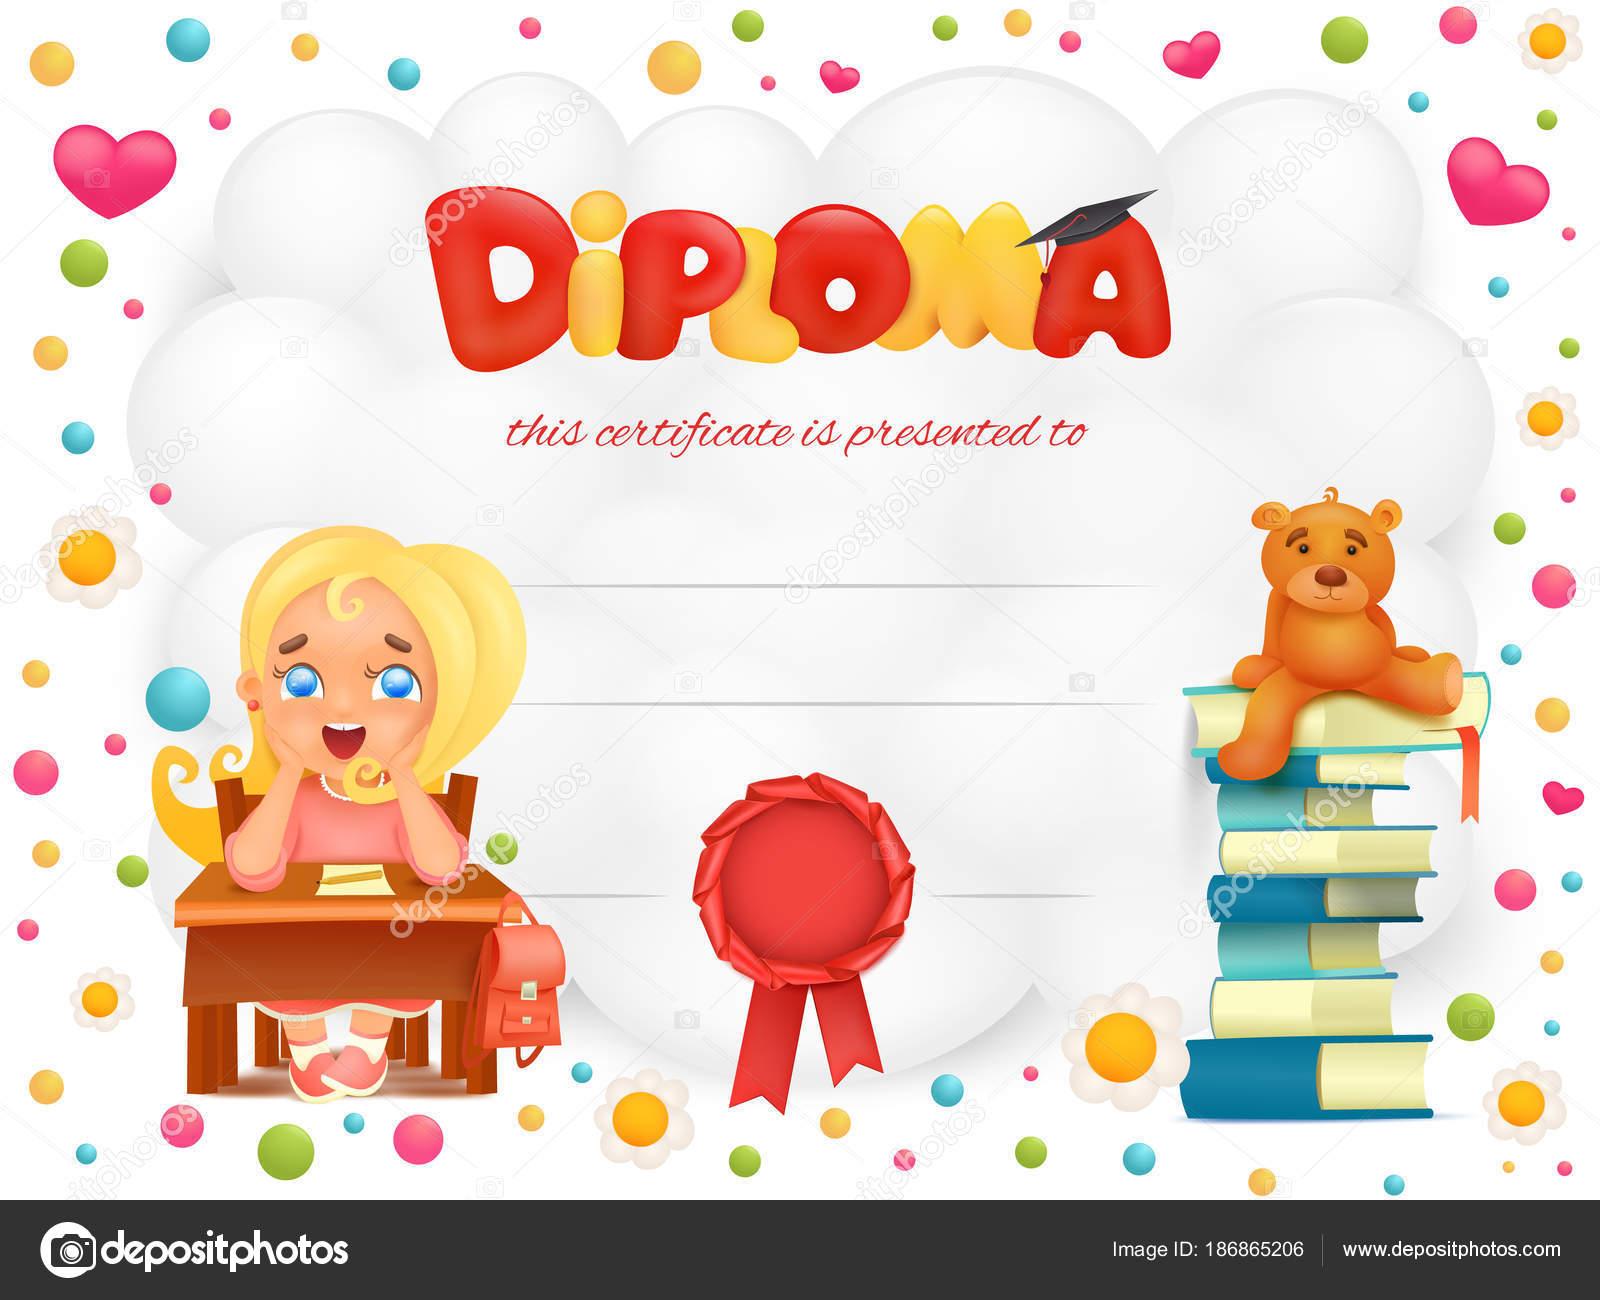 diplomas para hacer e imprimir diploma certificado de plantilla